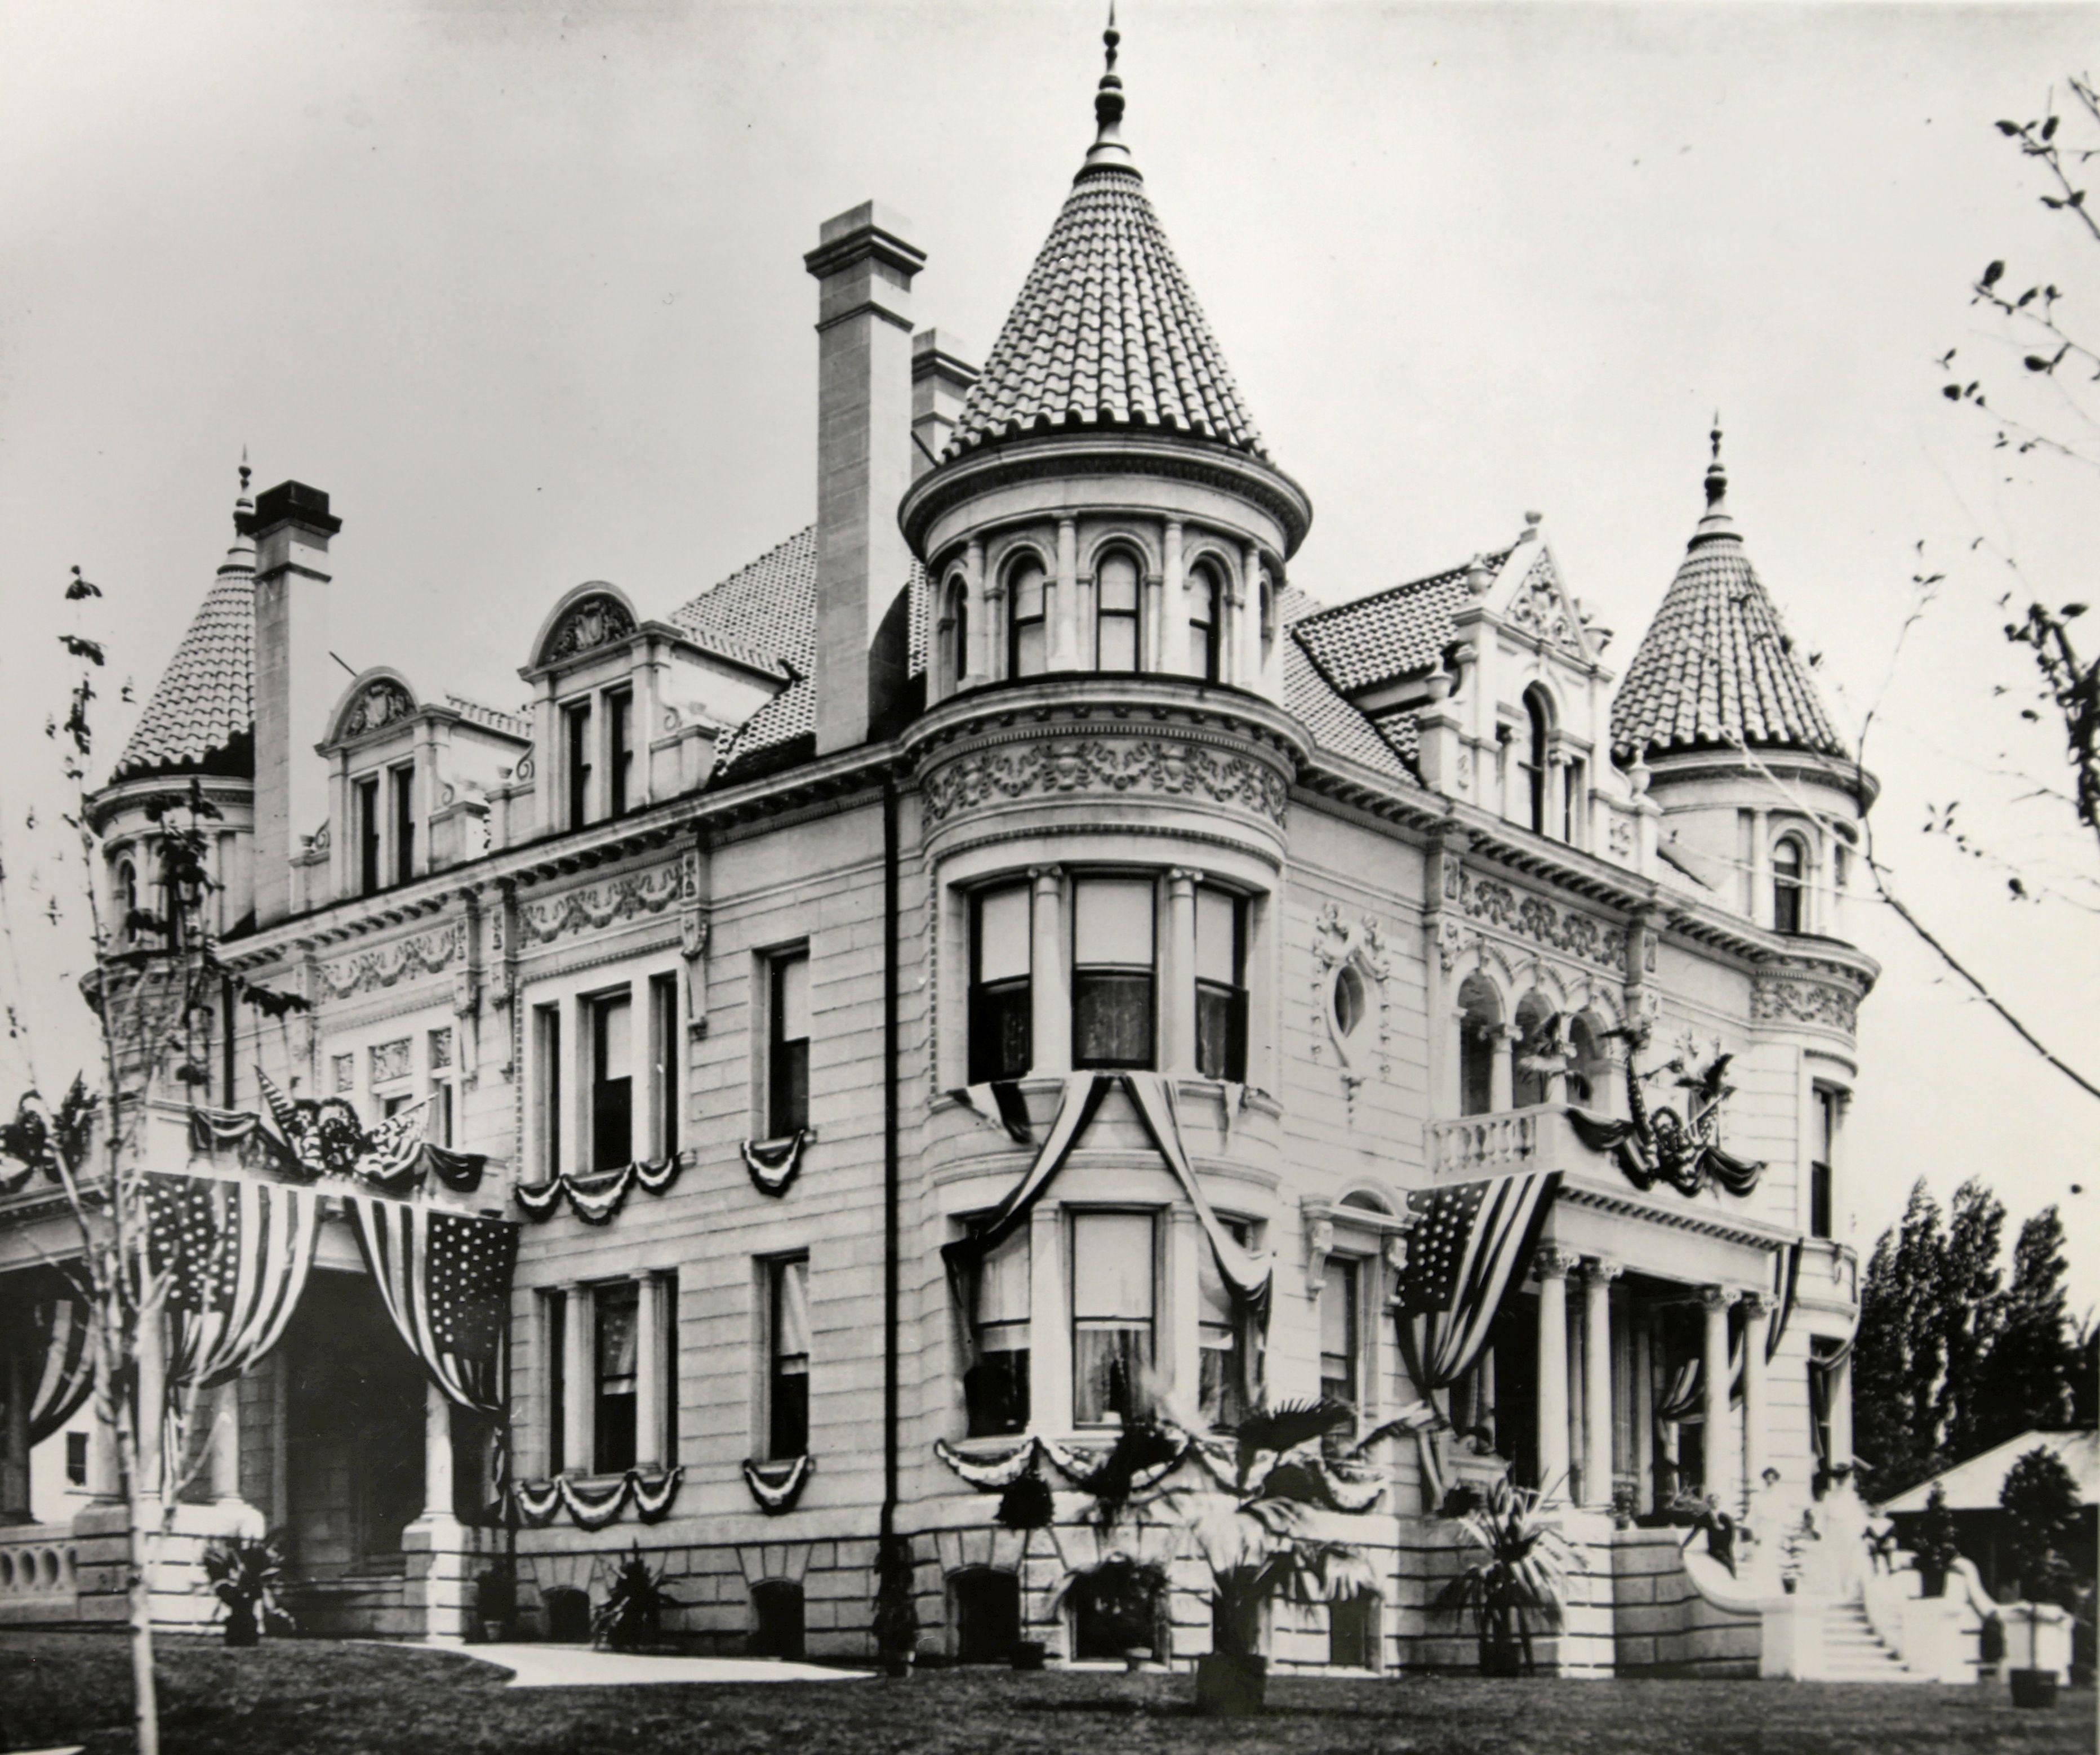 The Kearns Mansion Decorated For Roosevelt's Visit, Salt